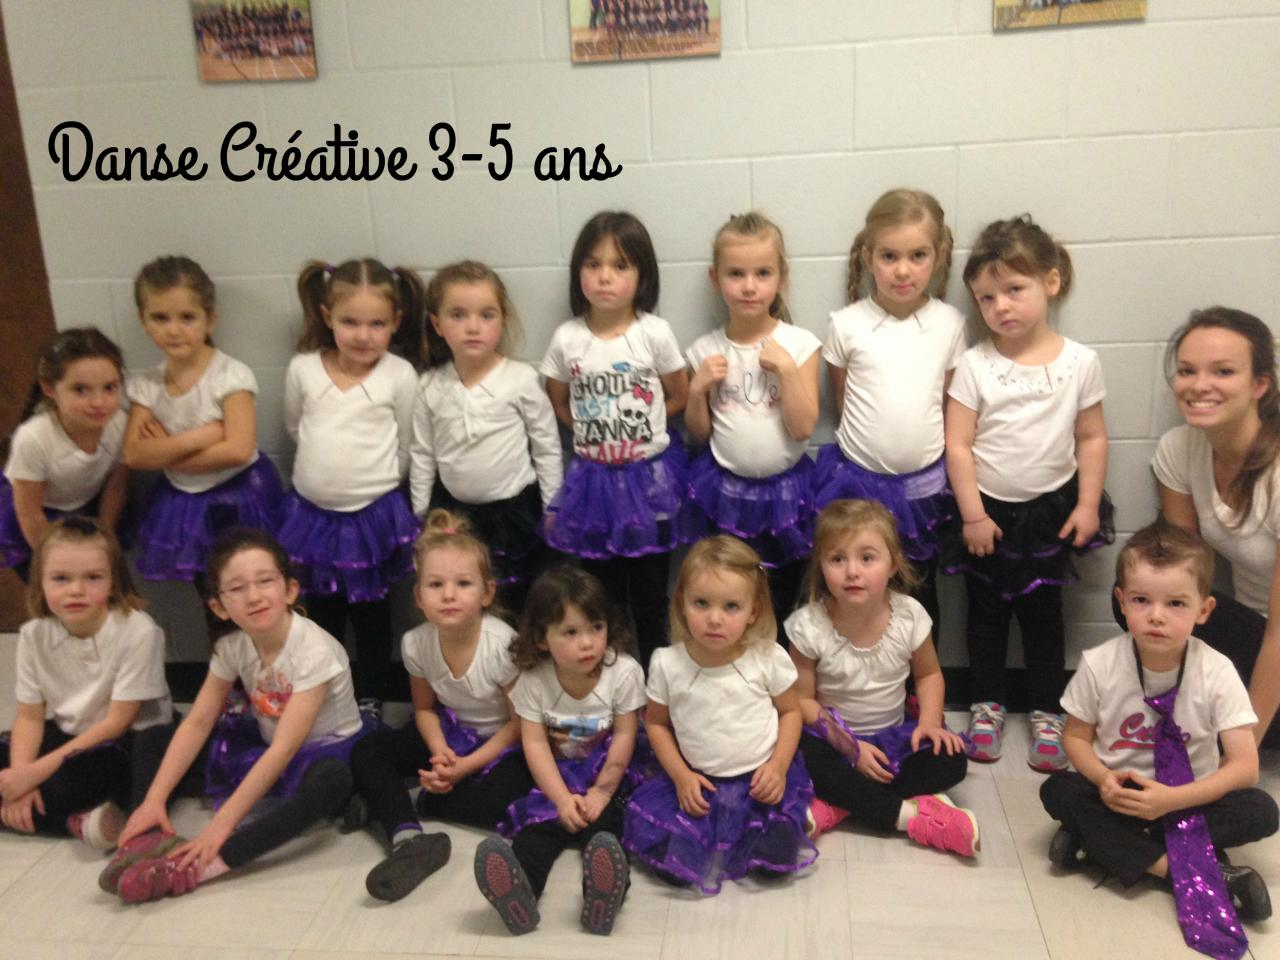 Danse créative 3-5 ans-1